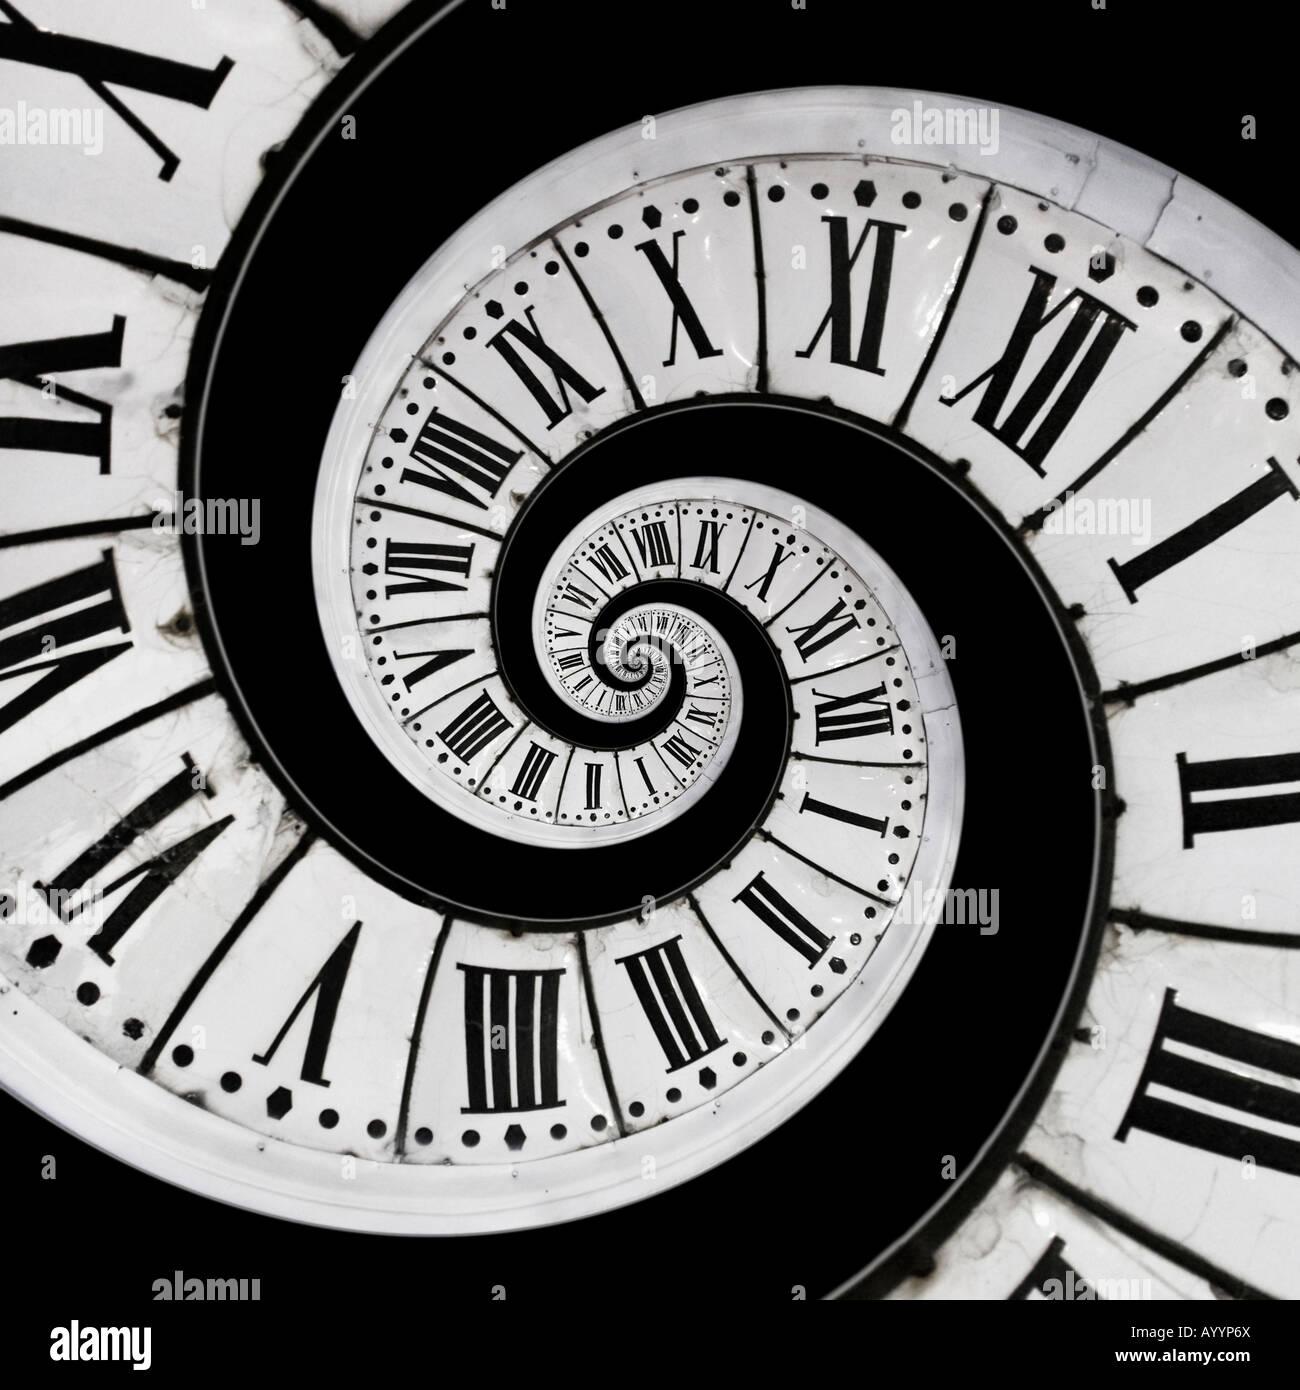 Colocación en el centro de un viejo reloj de una pequeña copia de la misma cara del reloj. Mise en abîme d'un cadran d'horloge. Foto de stock